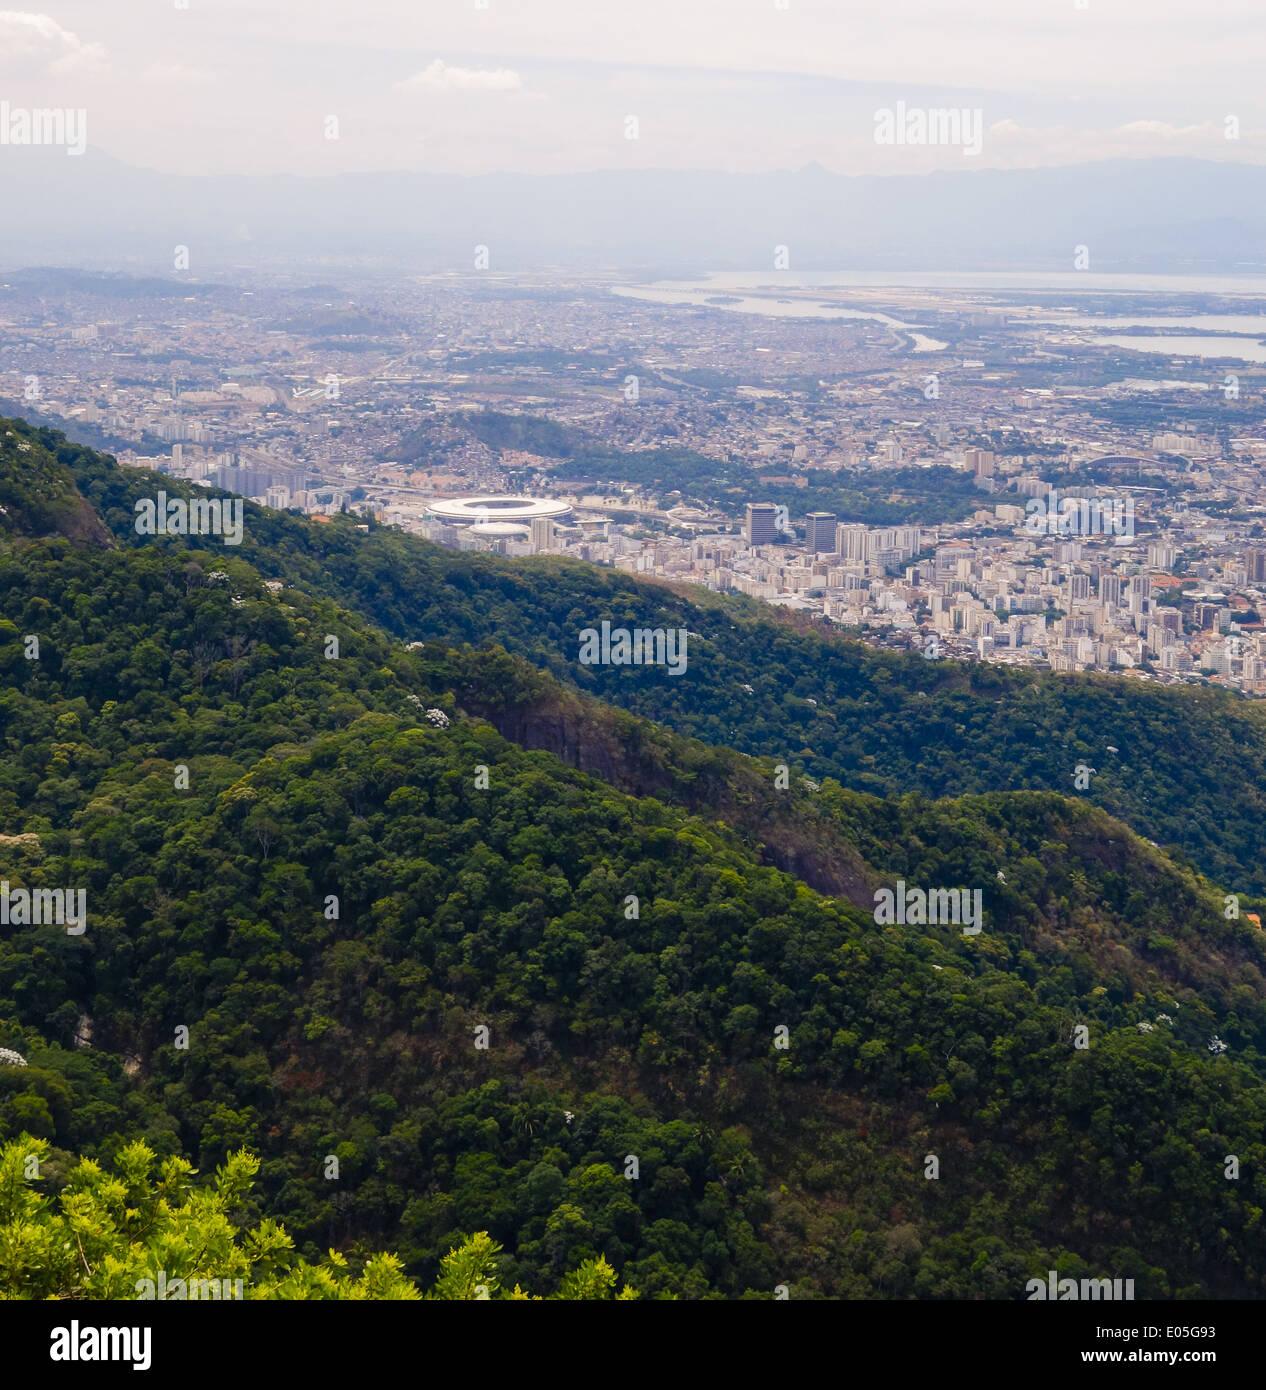 Rio de Janeiro, Zona Norte, Maracana stadion, FIFA 2014, Worldcup, Brazil Stock Photo